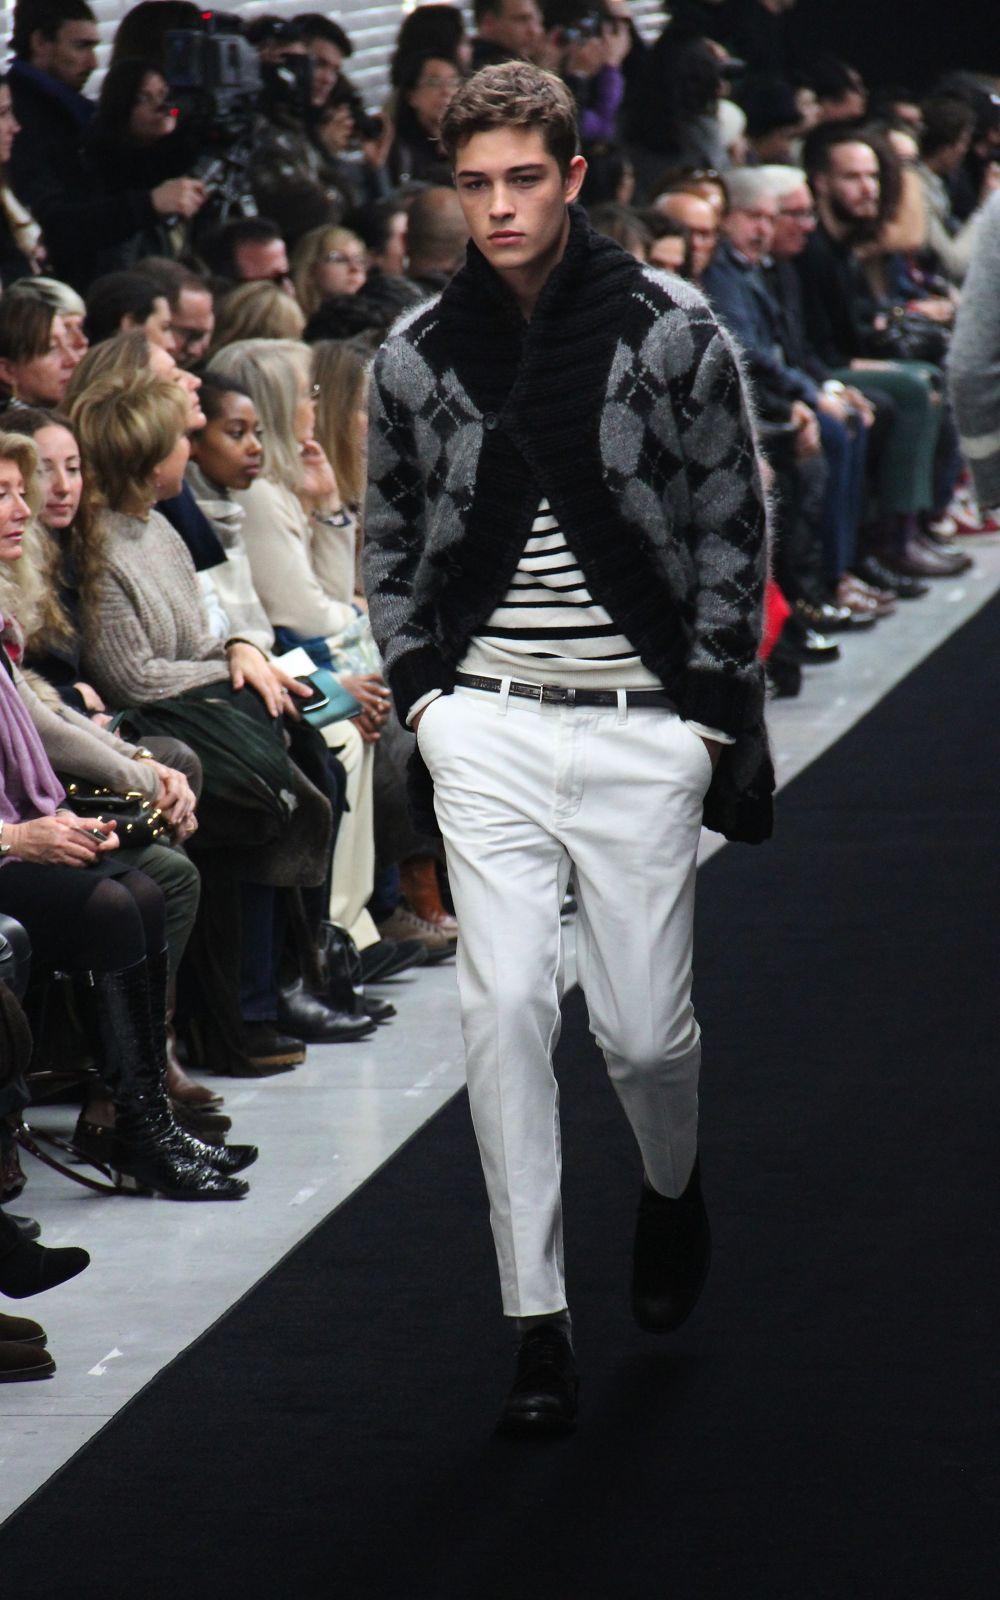 Catwalk Ermanno Scervino Fall Winter 2012-13 Men Fashion Show